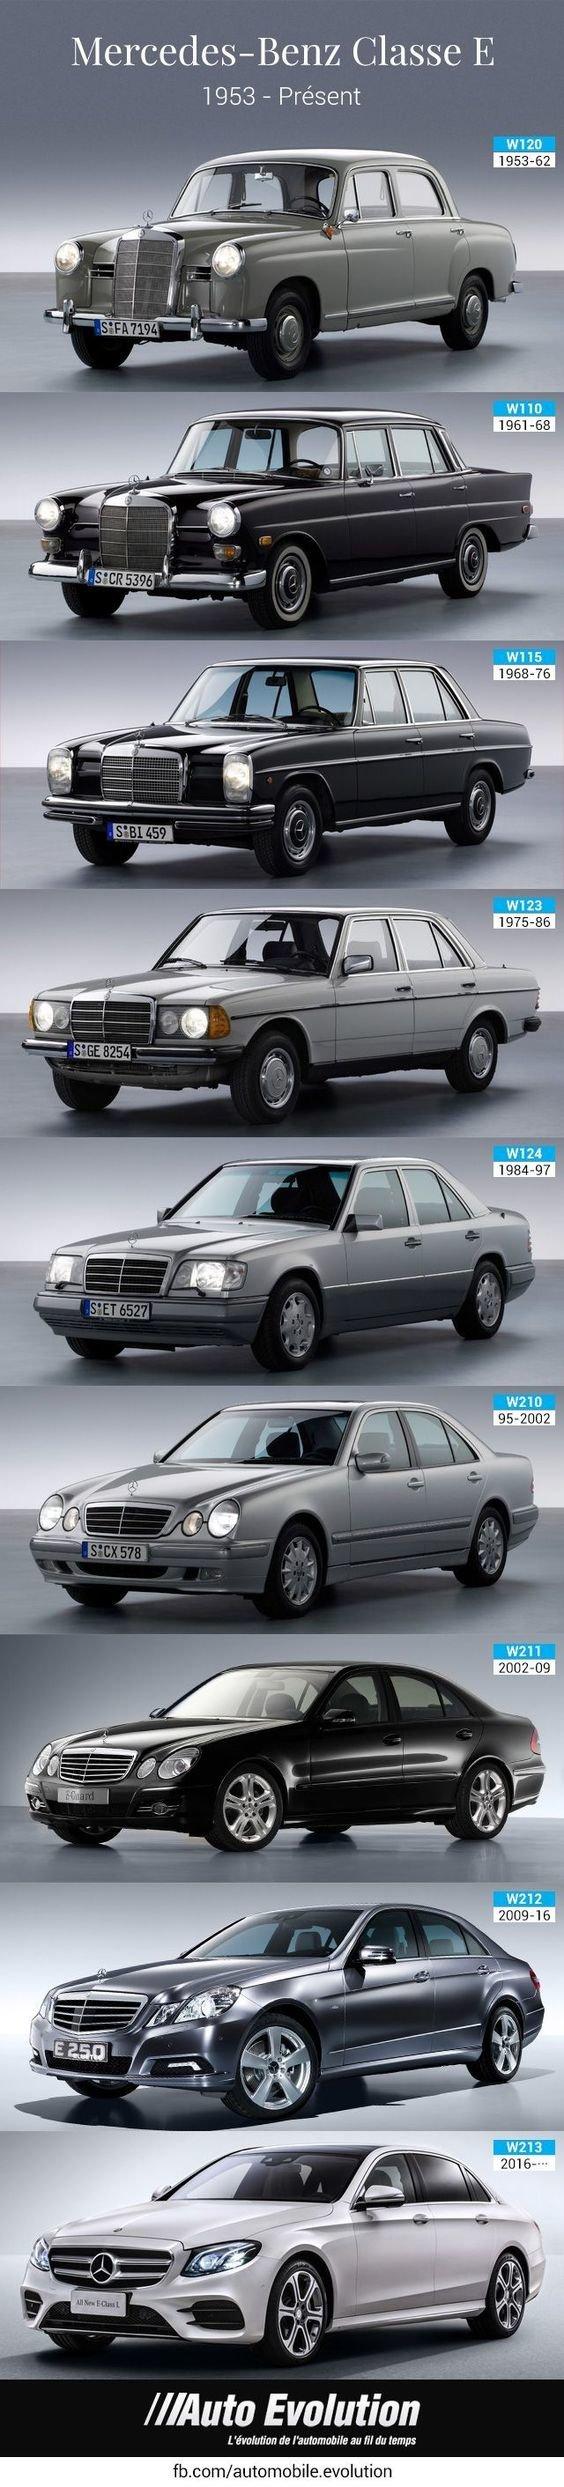 مراحل تطور سيارة #مرسيدس الفئة #Mercedes_E #سيارات منذ عام 1953 إلى ما بعد عام 2016